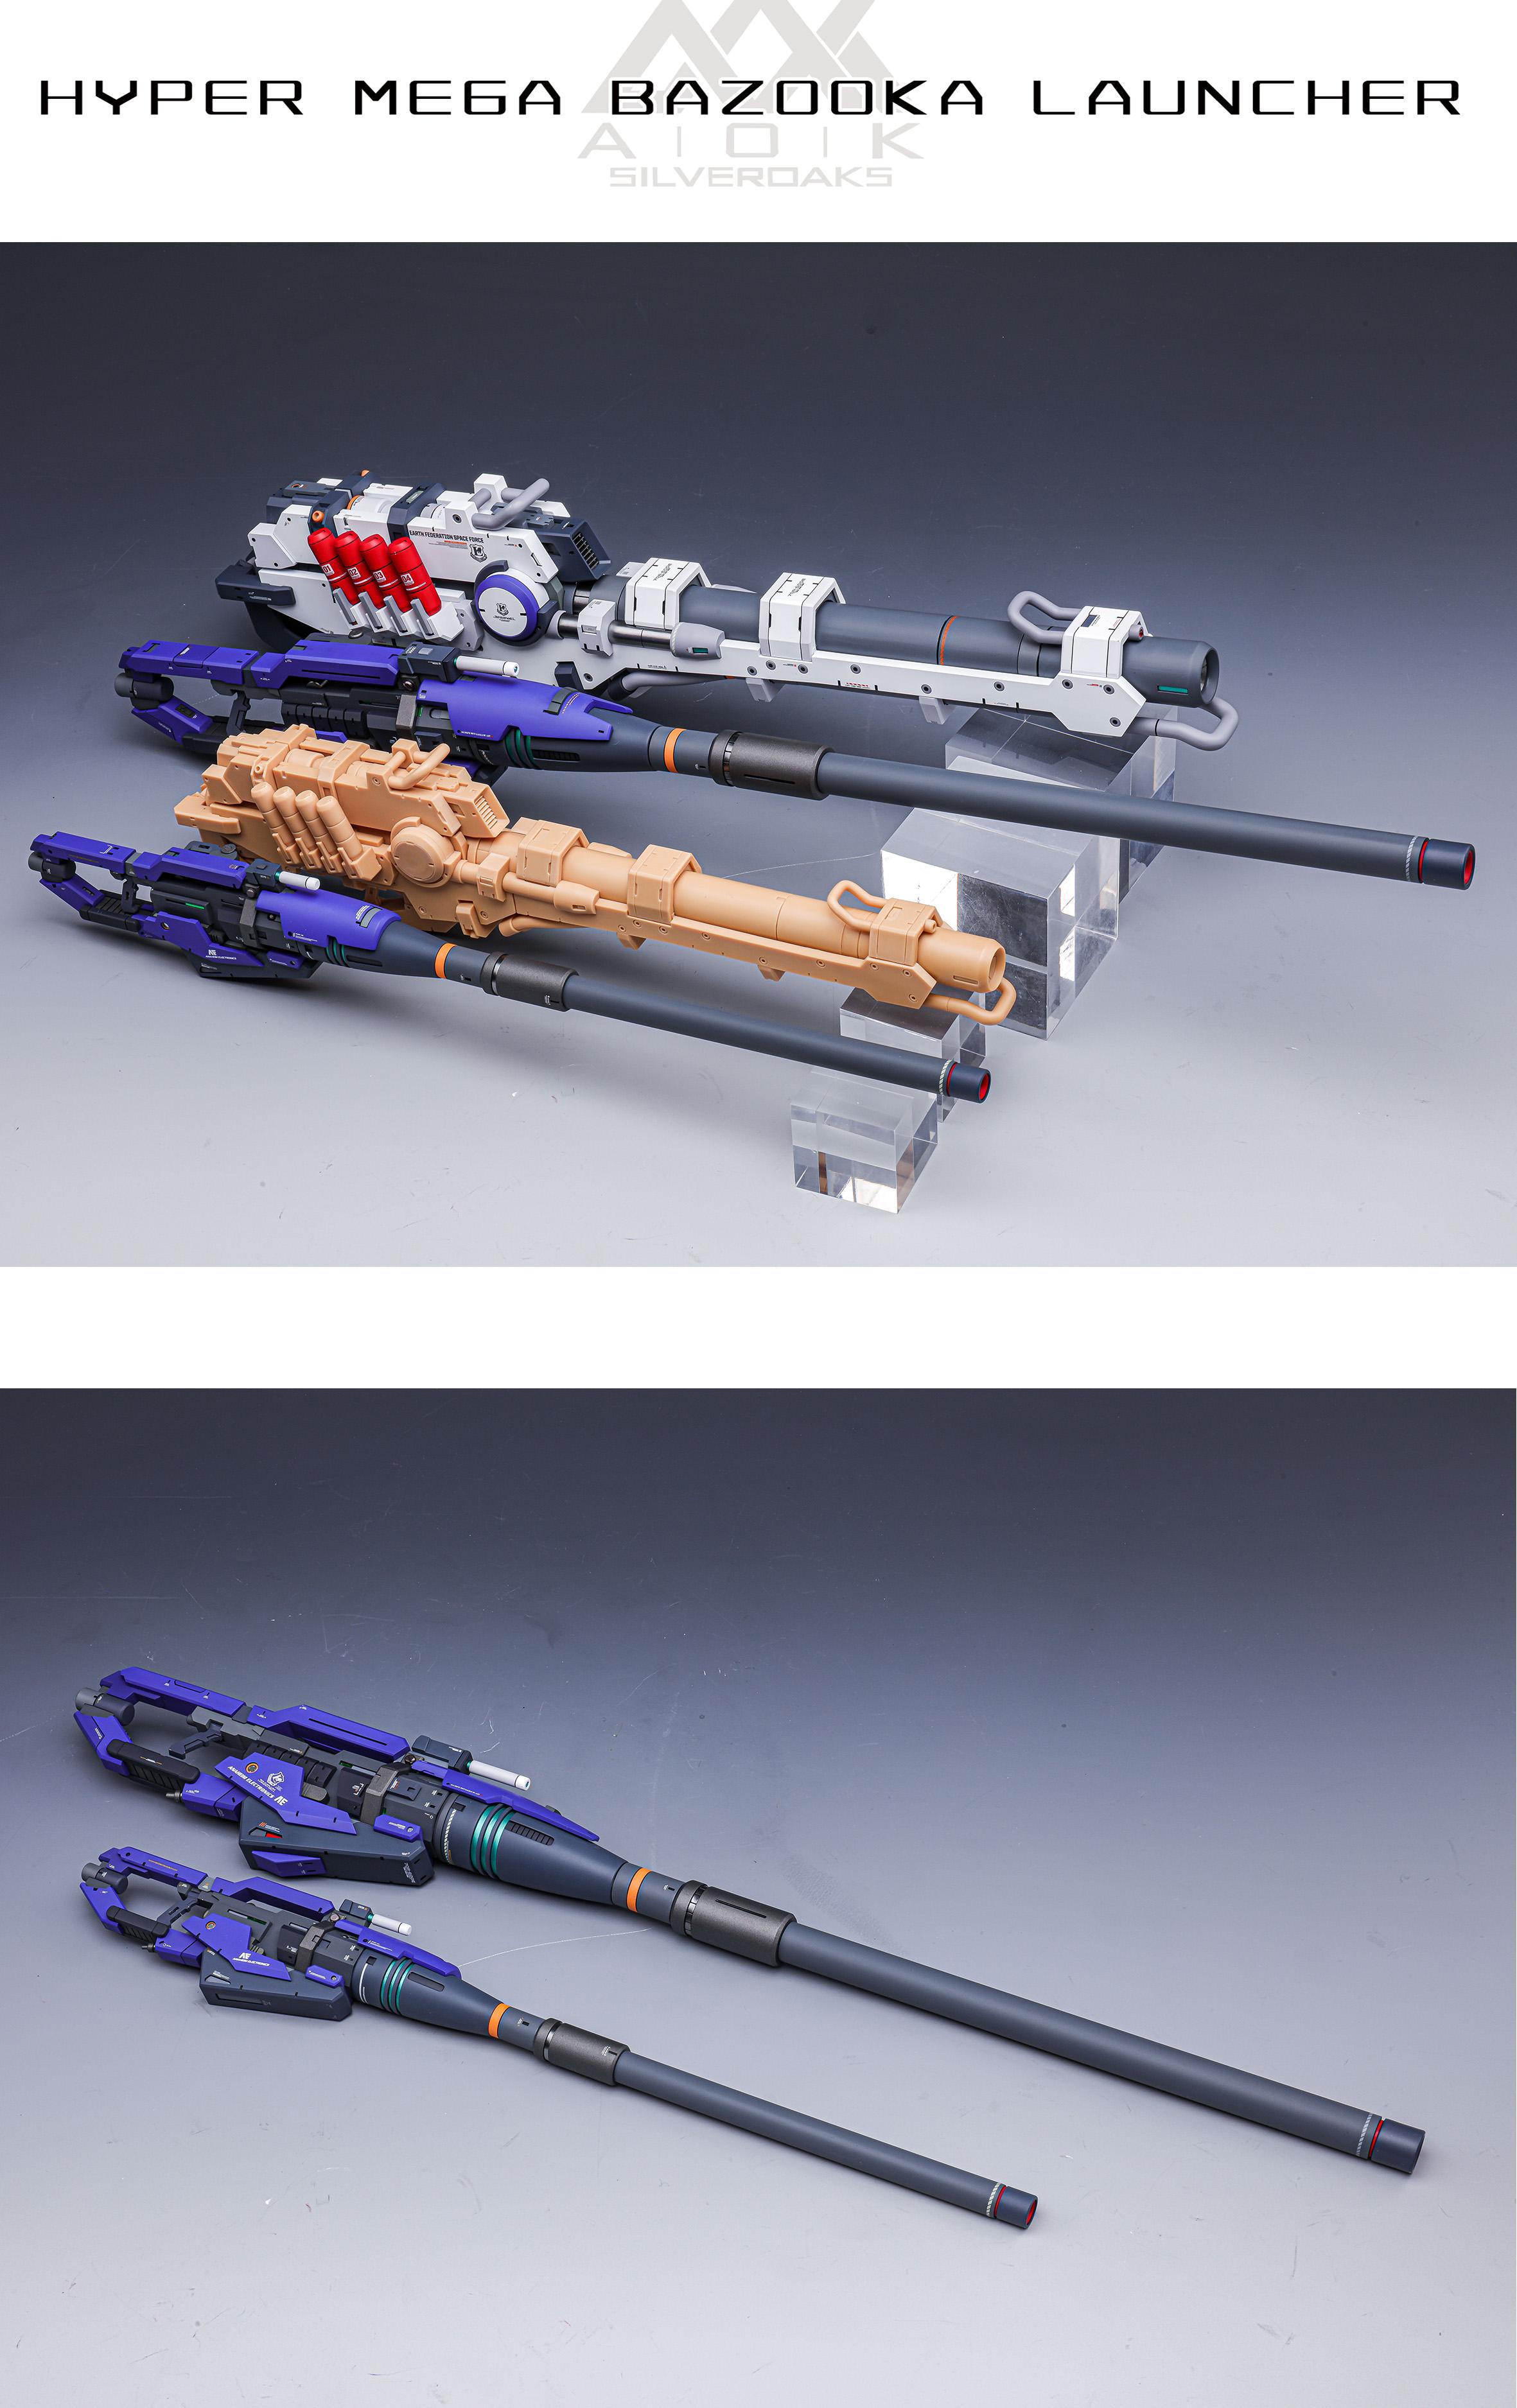 G822_rg_MG_mega_bazooka_launcher_AOK_003.jpg